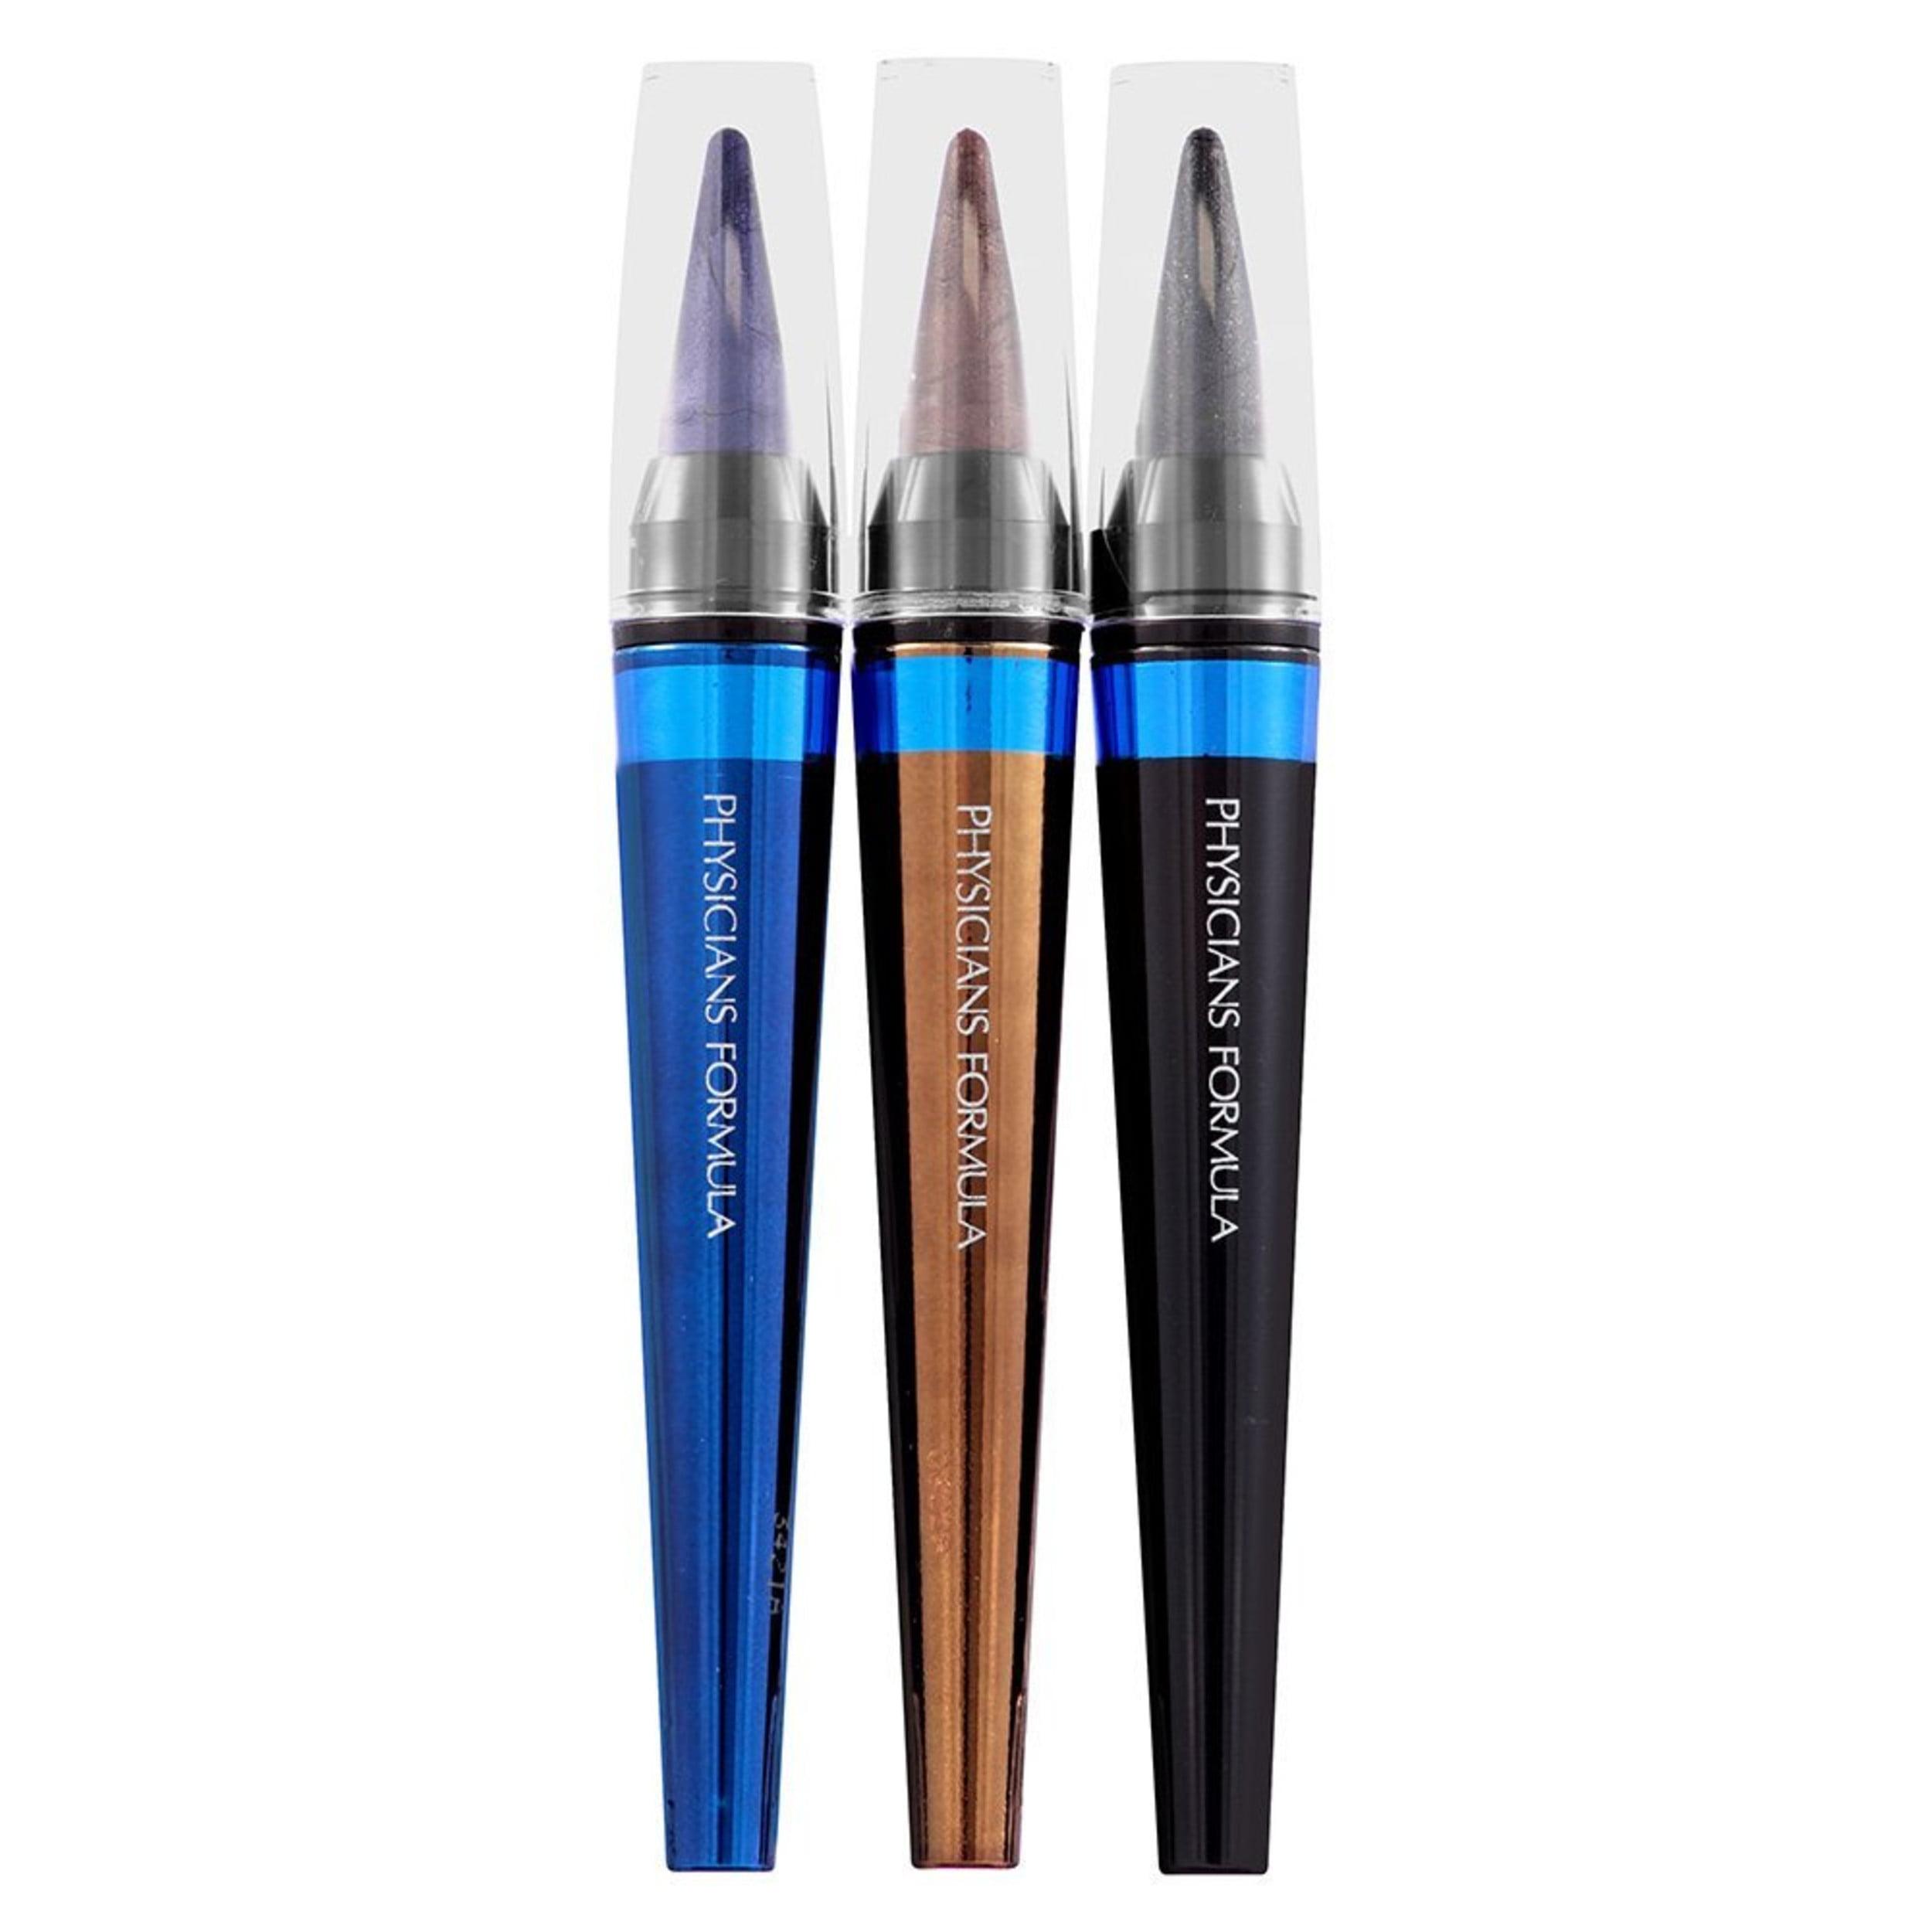 Physicians Formula Shimmer Strips Custom Eye Enhancing Intense Kohl Kajal Eyeliner Trio - Blue Eyes